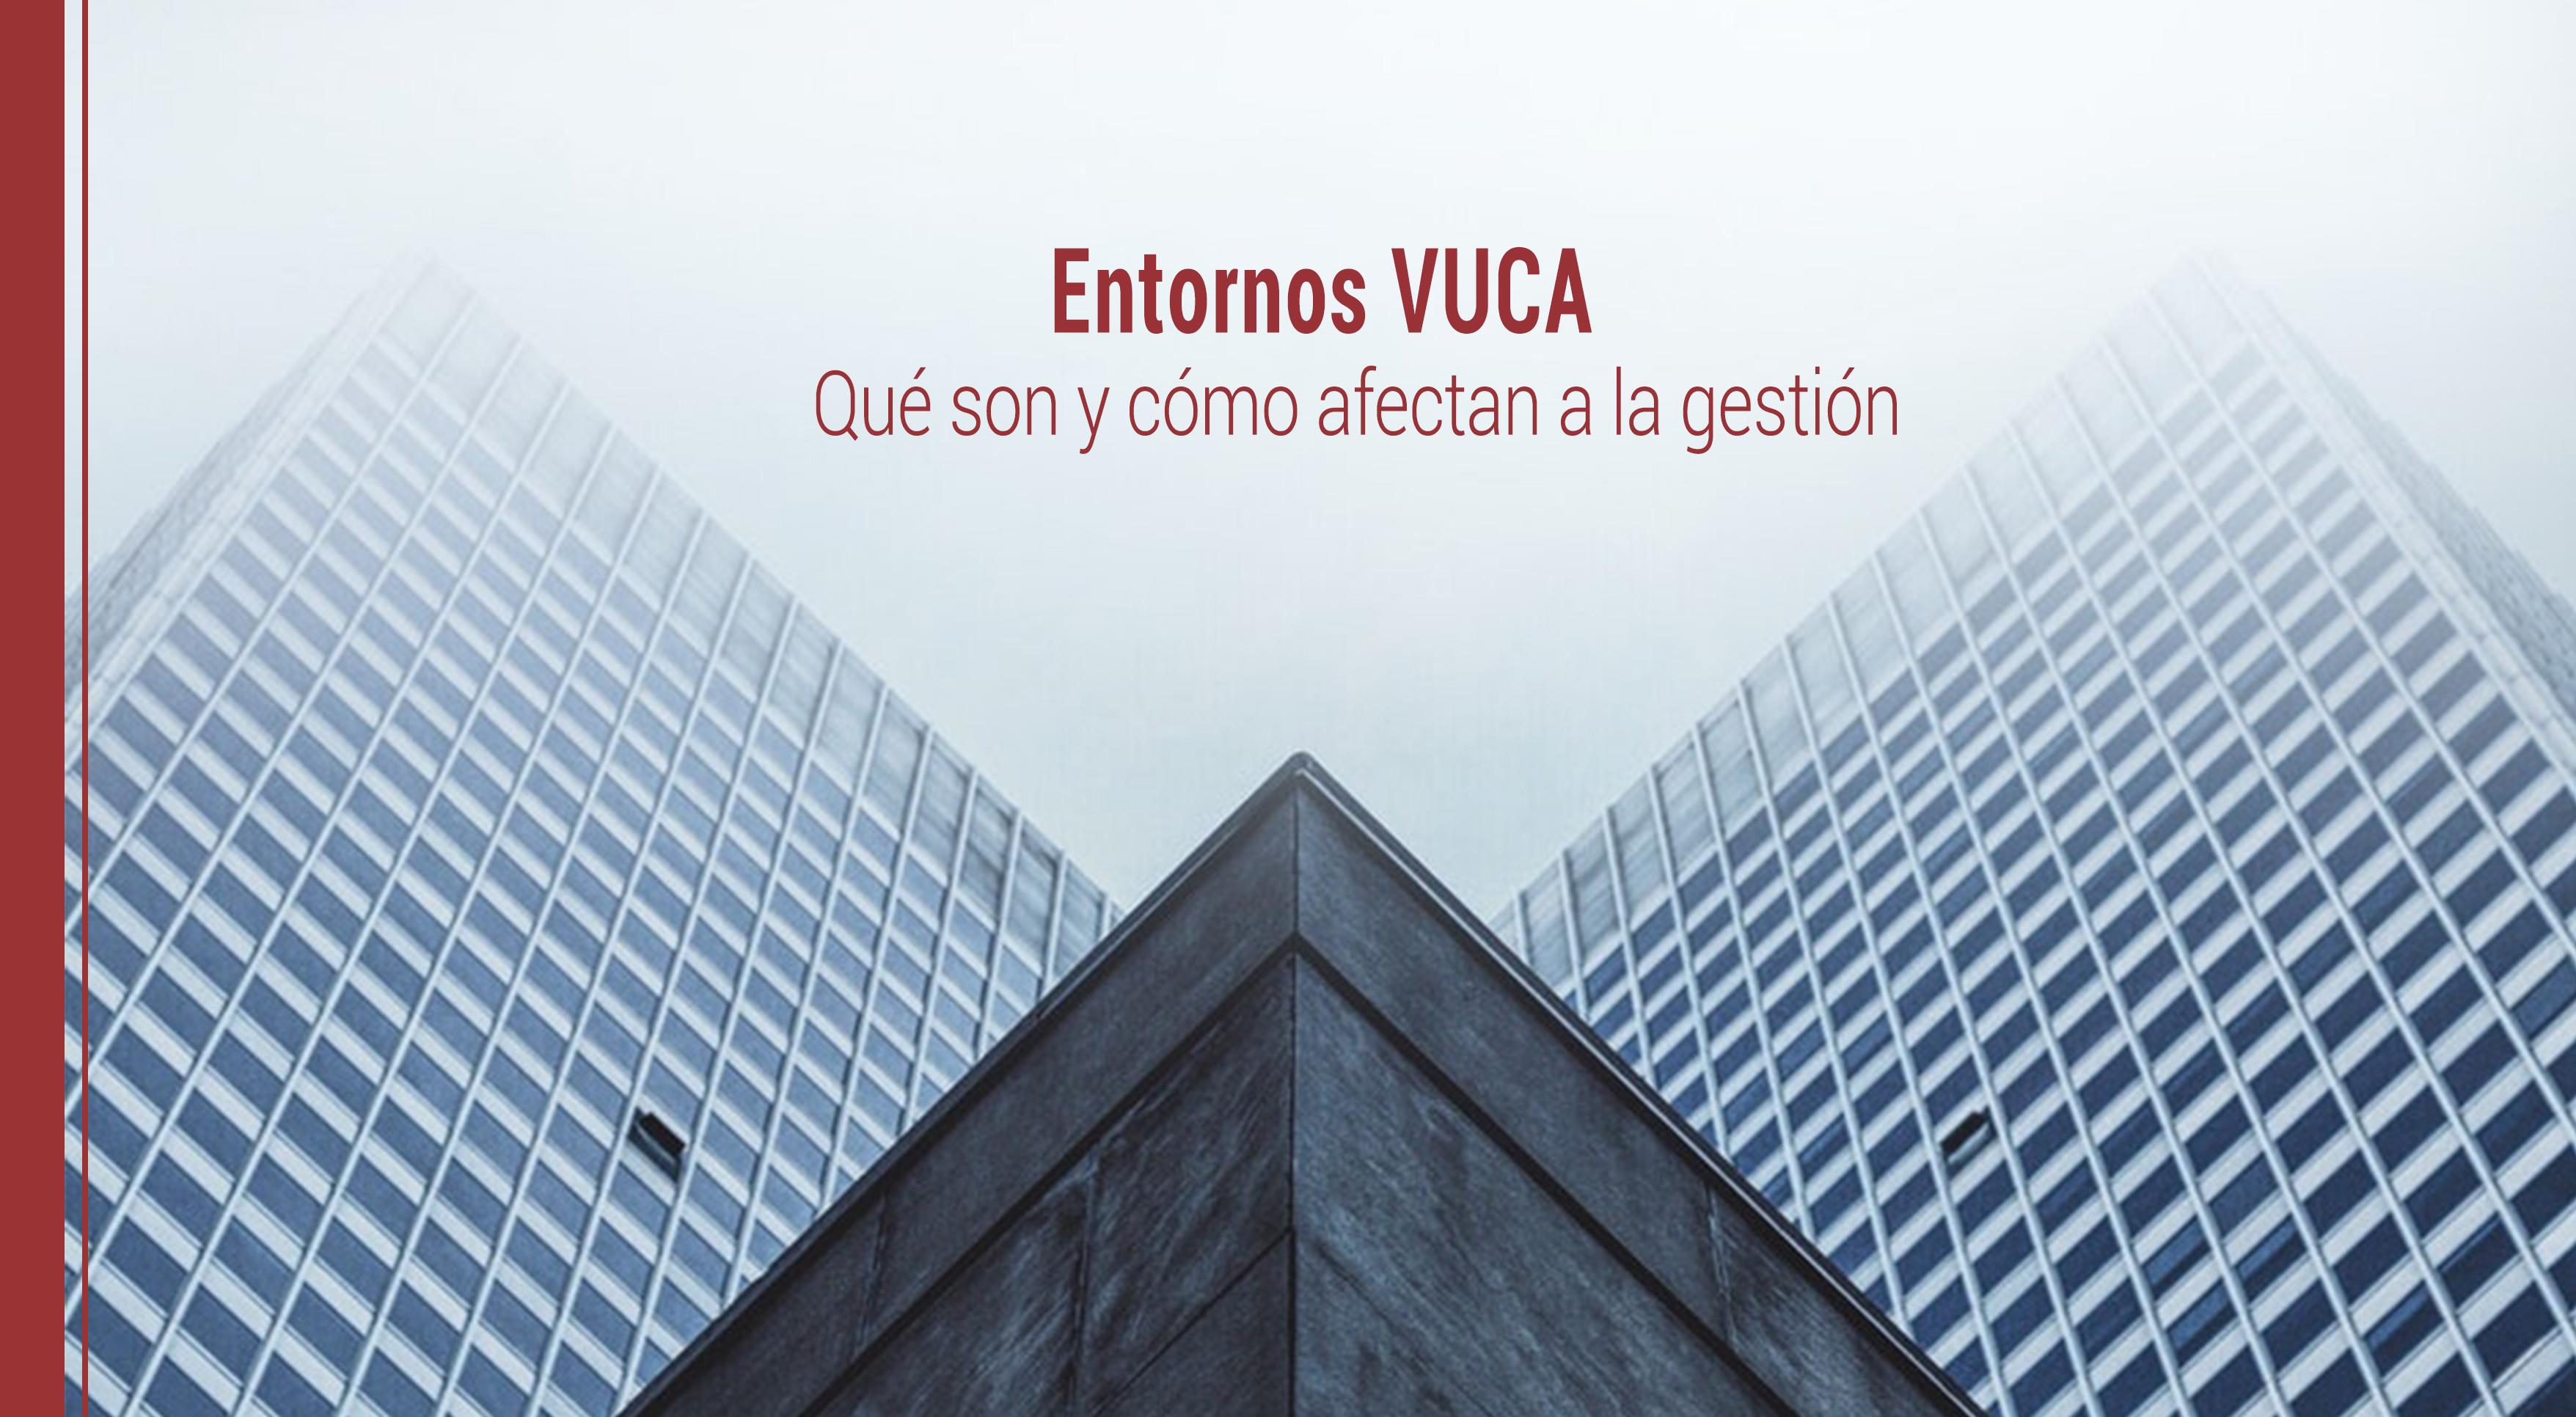 entornos-vuca-que-son-gestion Qué son los entornos VUCA y cómo afectan a la gestión